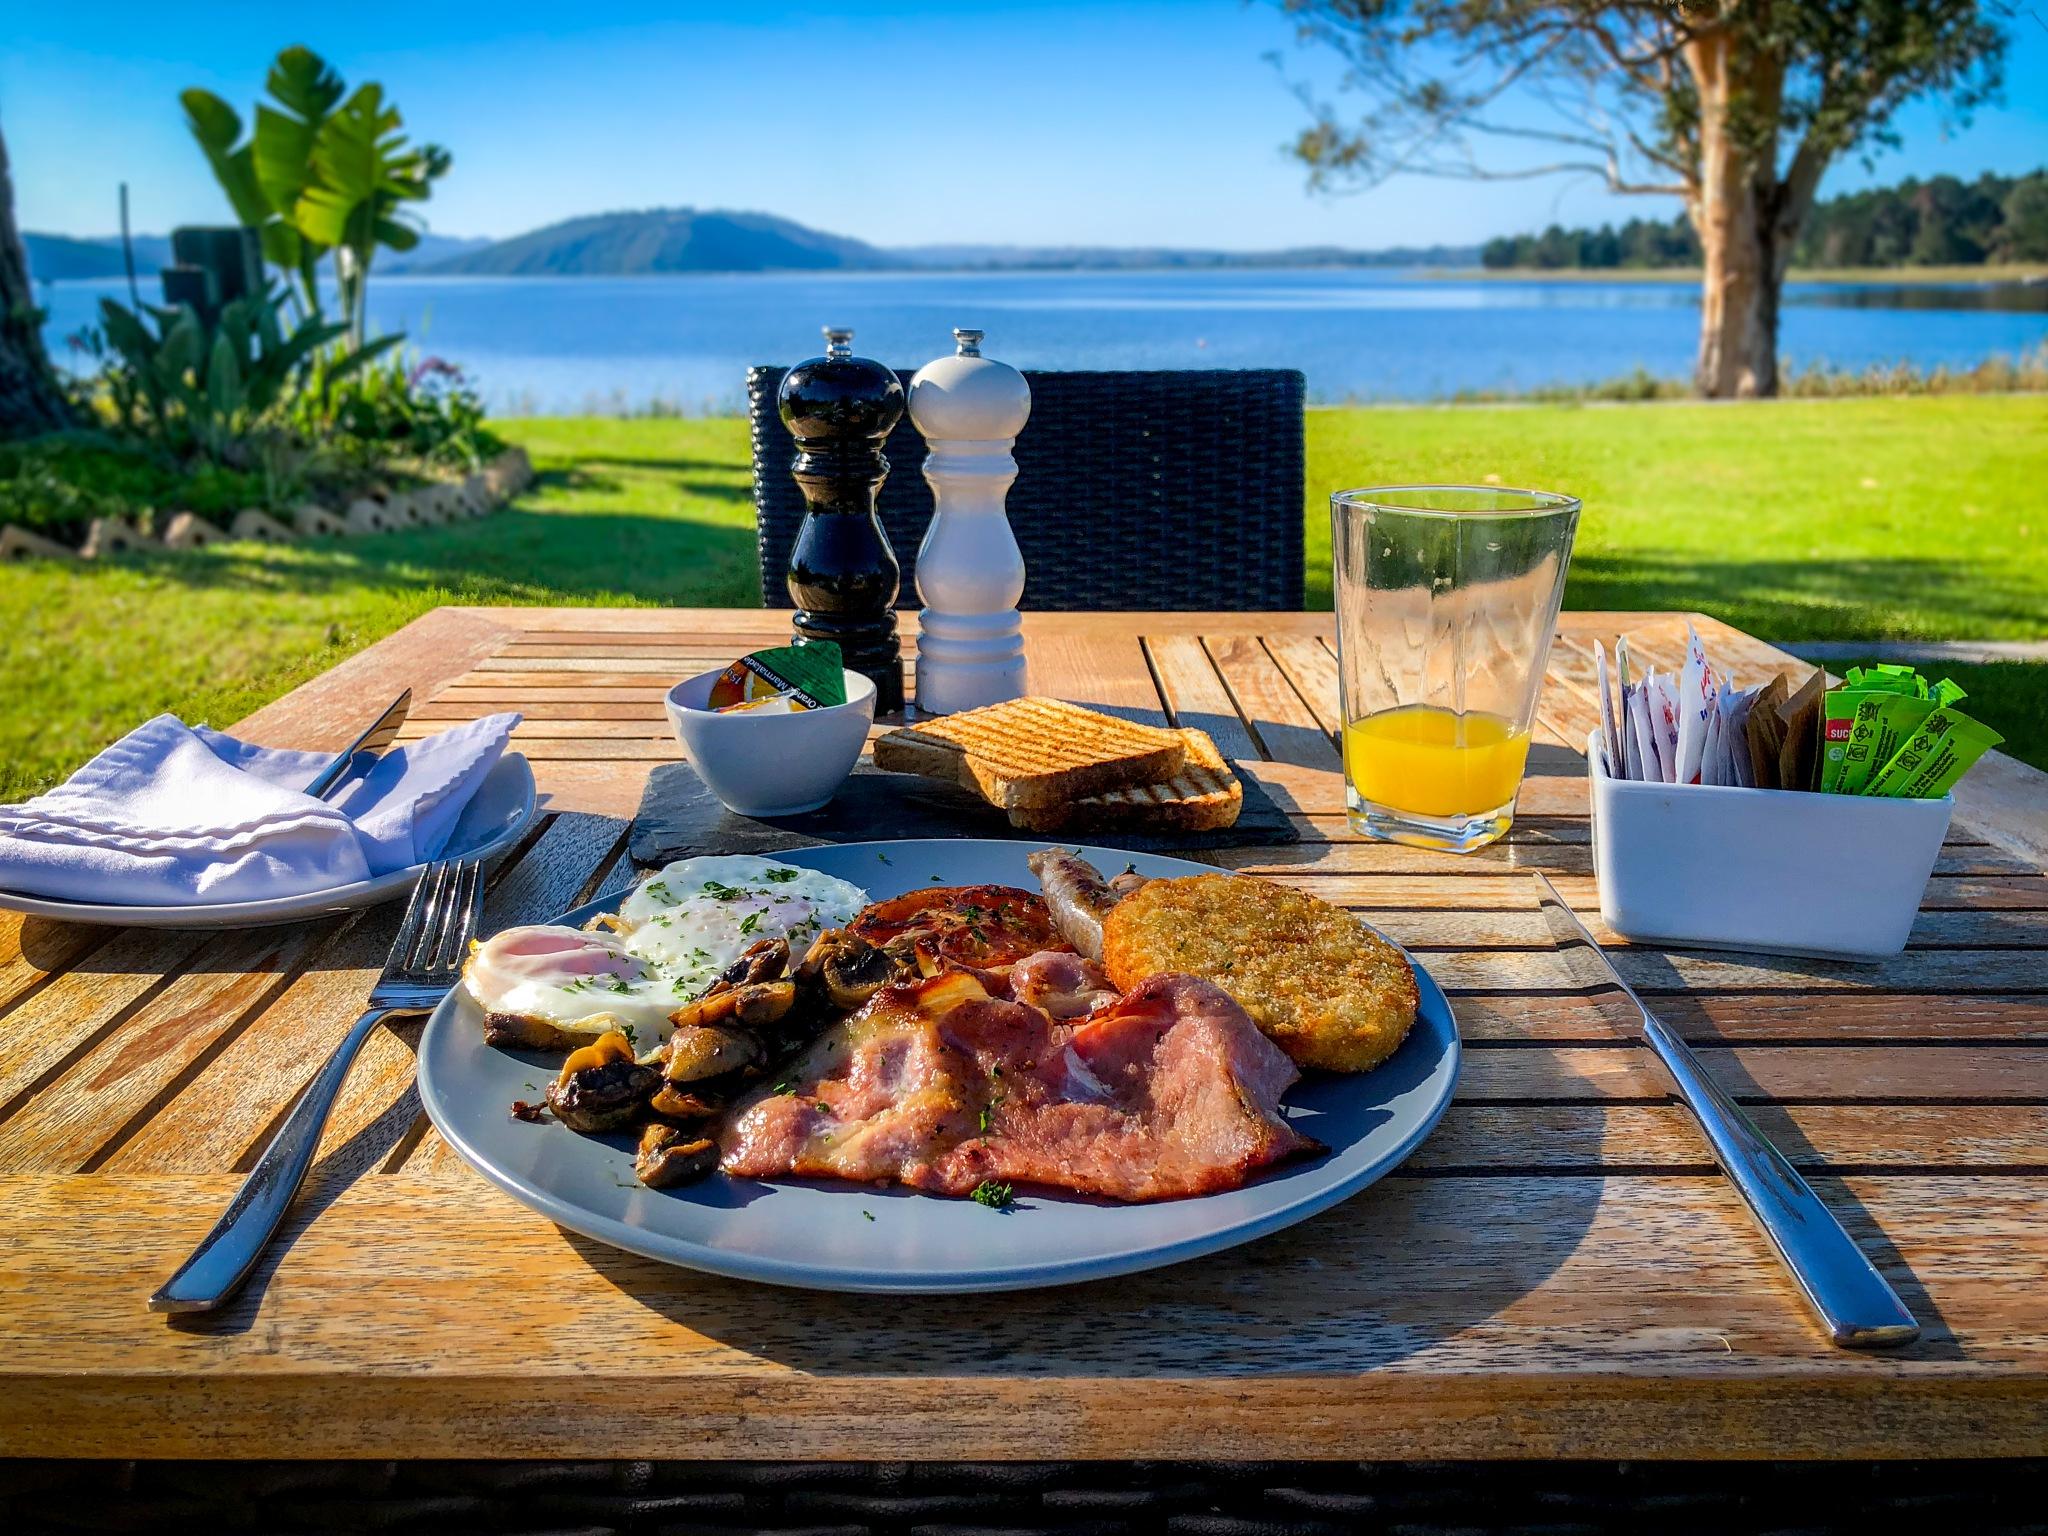 Breakfast view by RoarPhoto